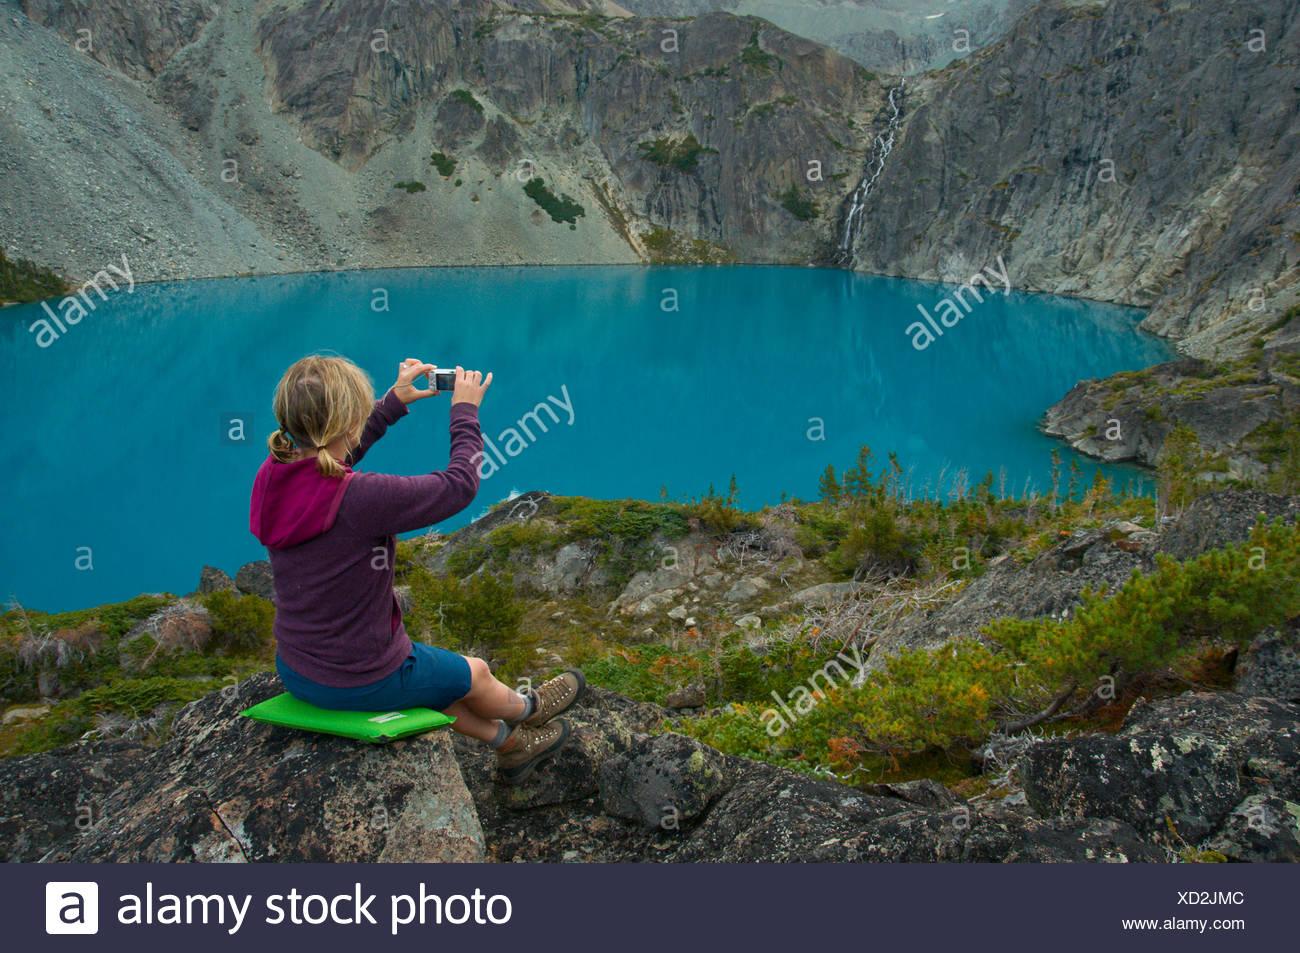 Eine junge Frau rastet ein Foto von einem Wasserfall und blauen See mit einer Kompaktkamera, Britisch-Kolumbien, Kanada Stockbild